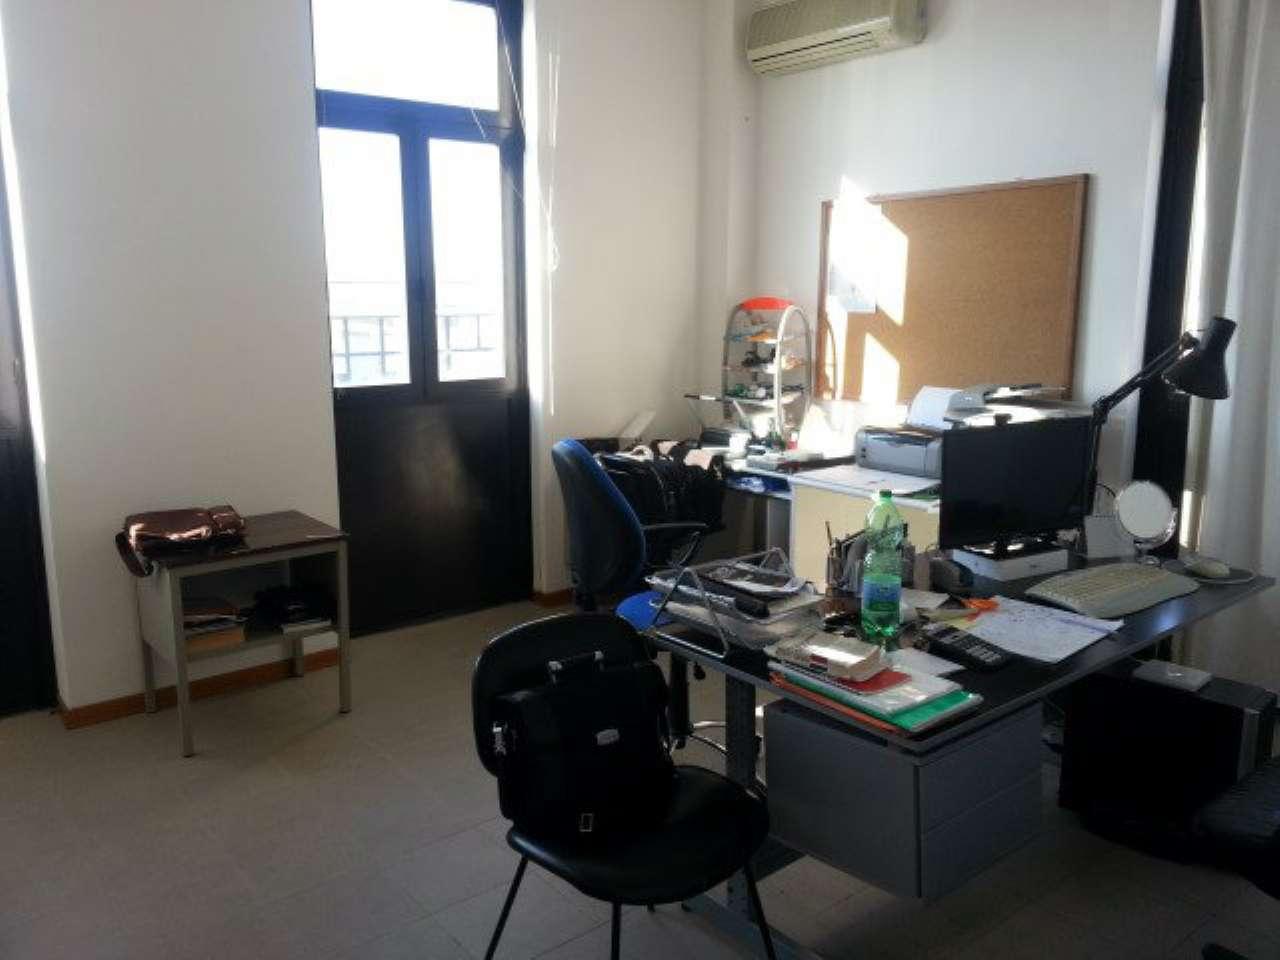 Ufficio / Studio in vendita a Arezzo, 2 locali, prezzo € 50.000   CambioCasa.it